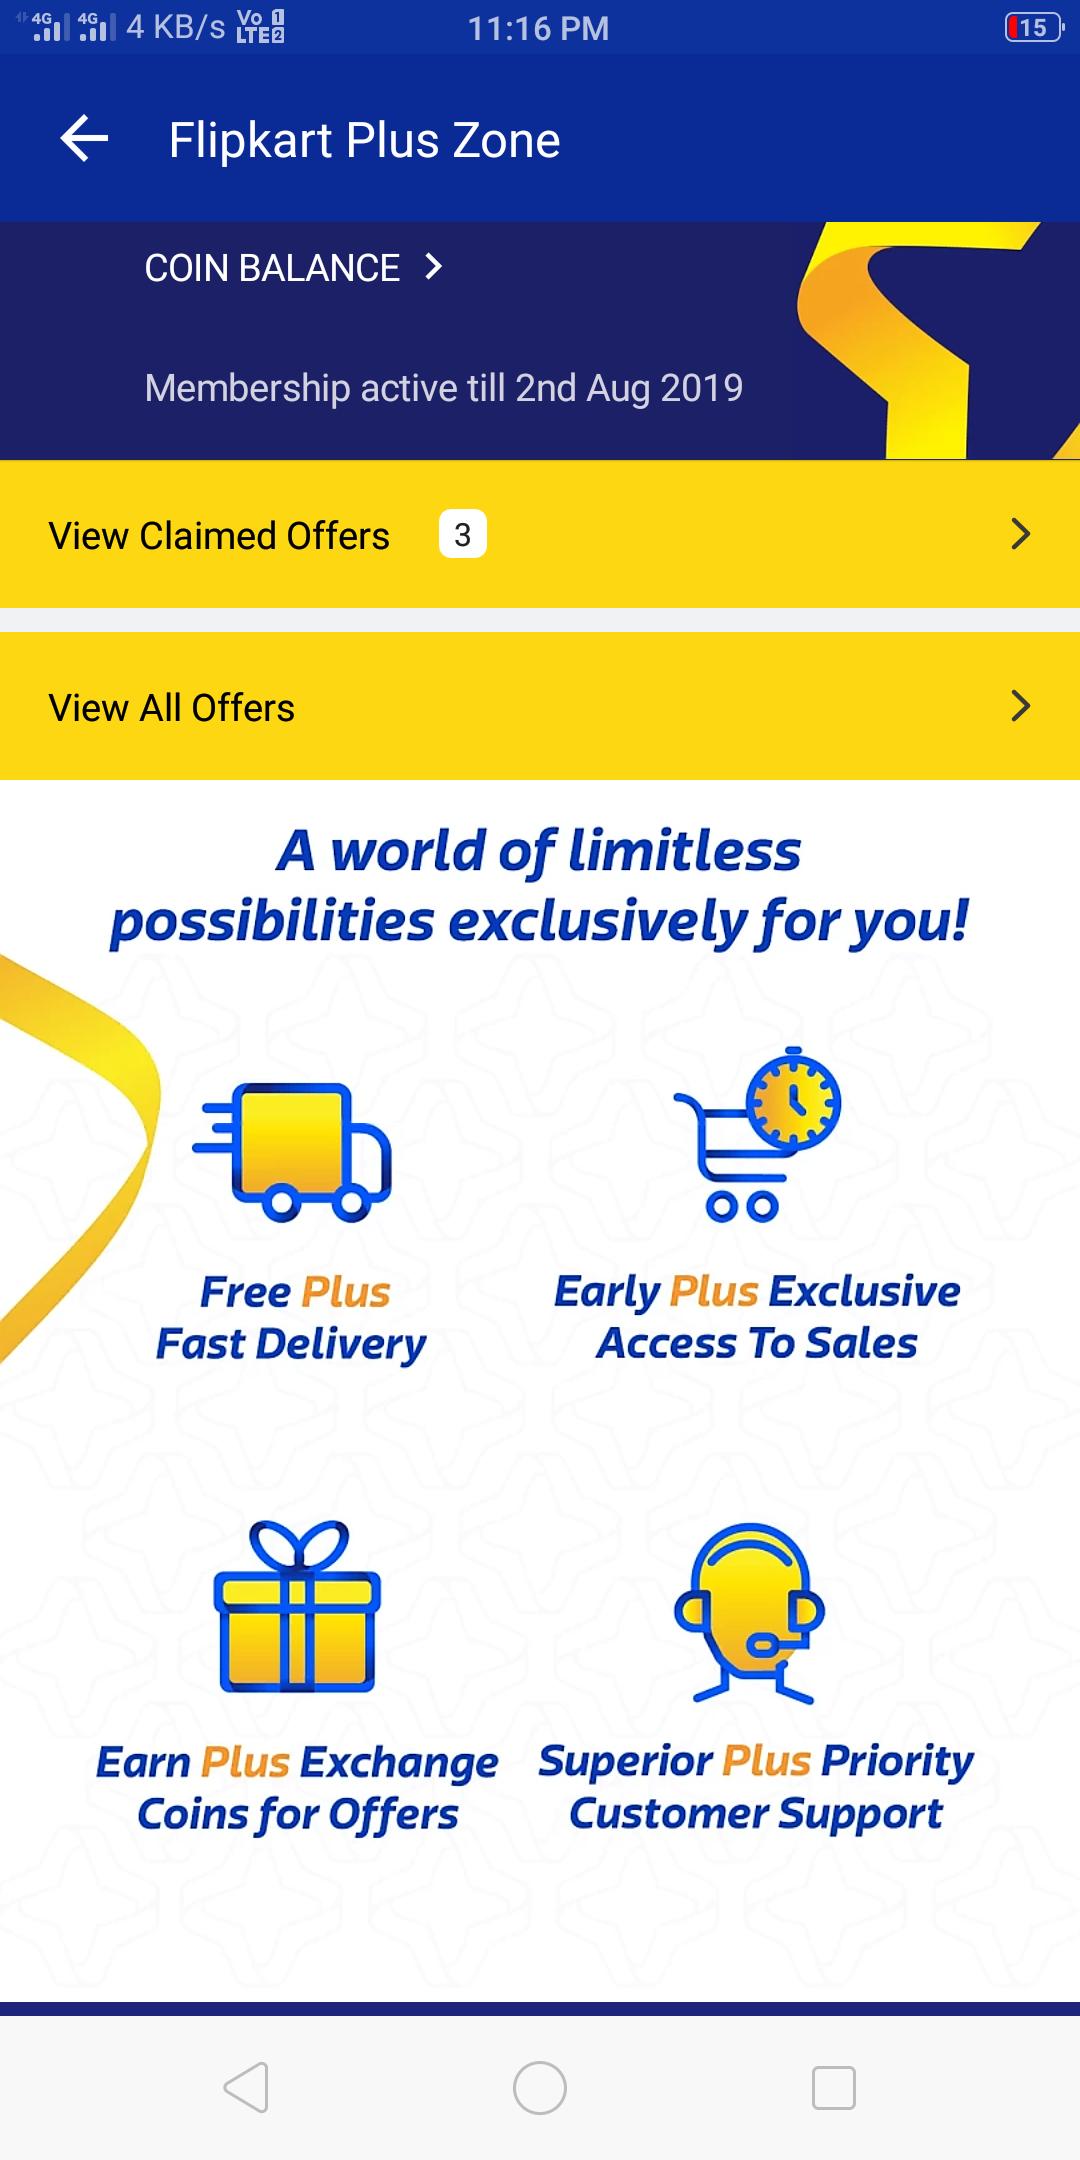 Flipkart app 6 6 (flipkart plus update) | DesiDime